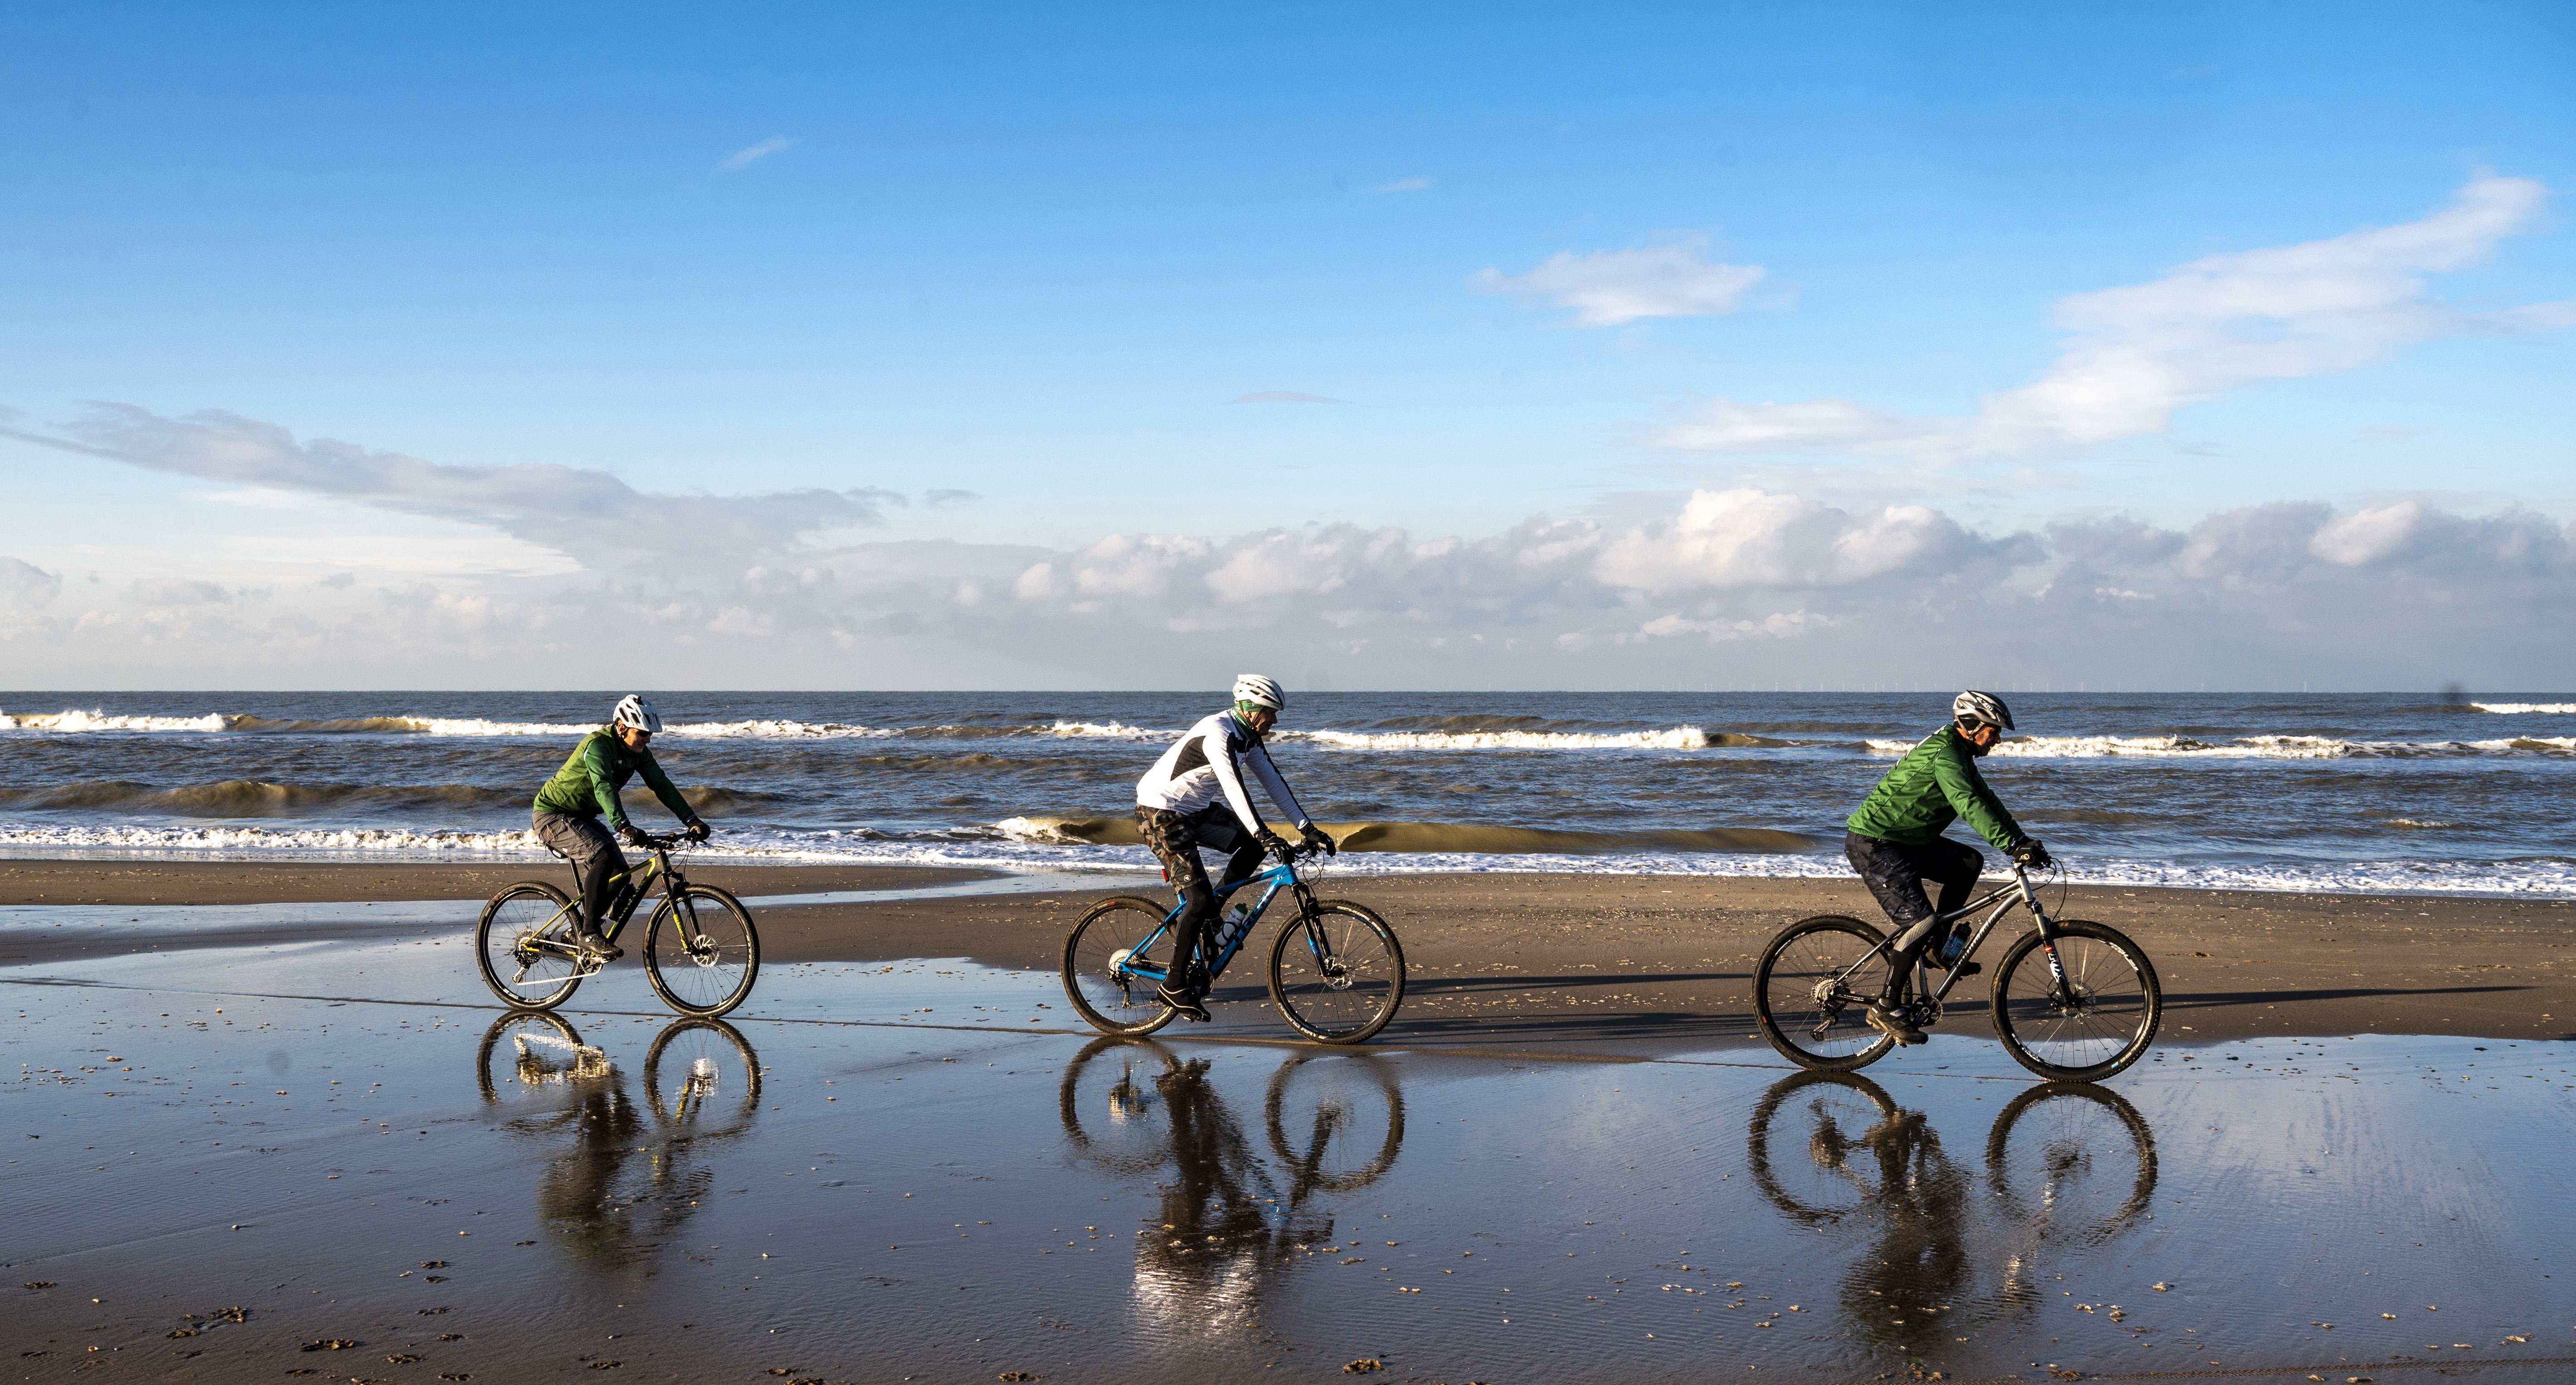 Mountainbiken is leuk bij alle weertypes: 'Niks mooier dan in onze eigen duinen te fietsen'